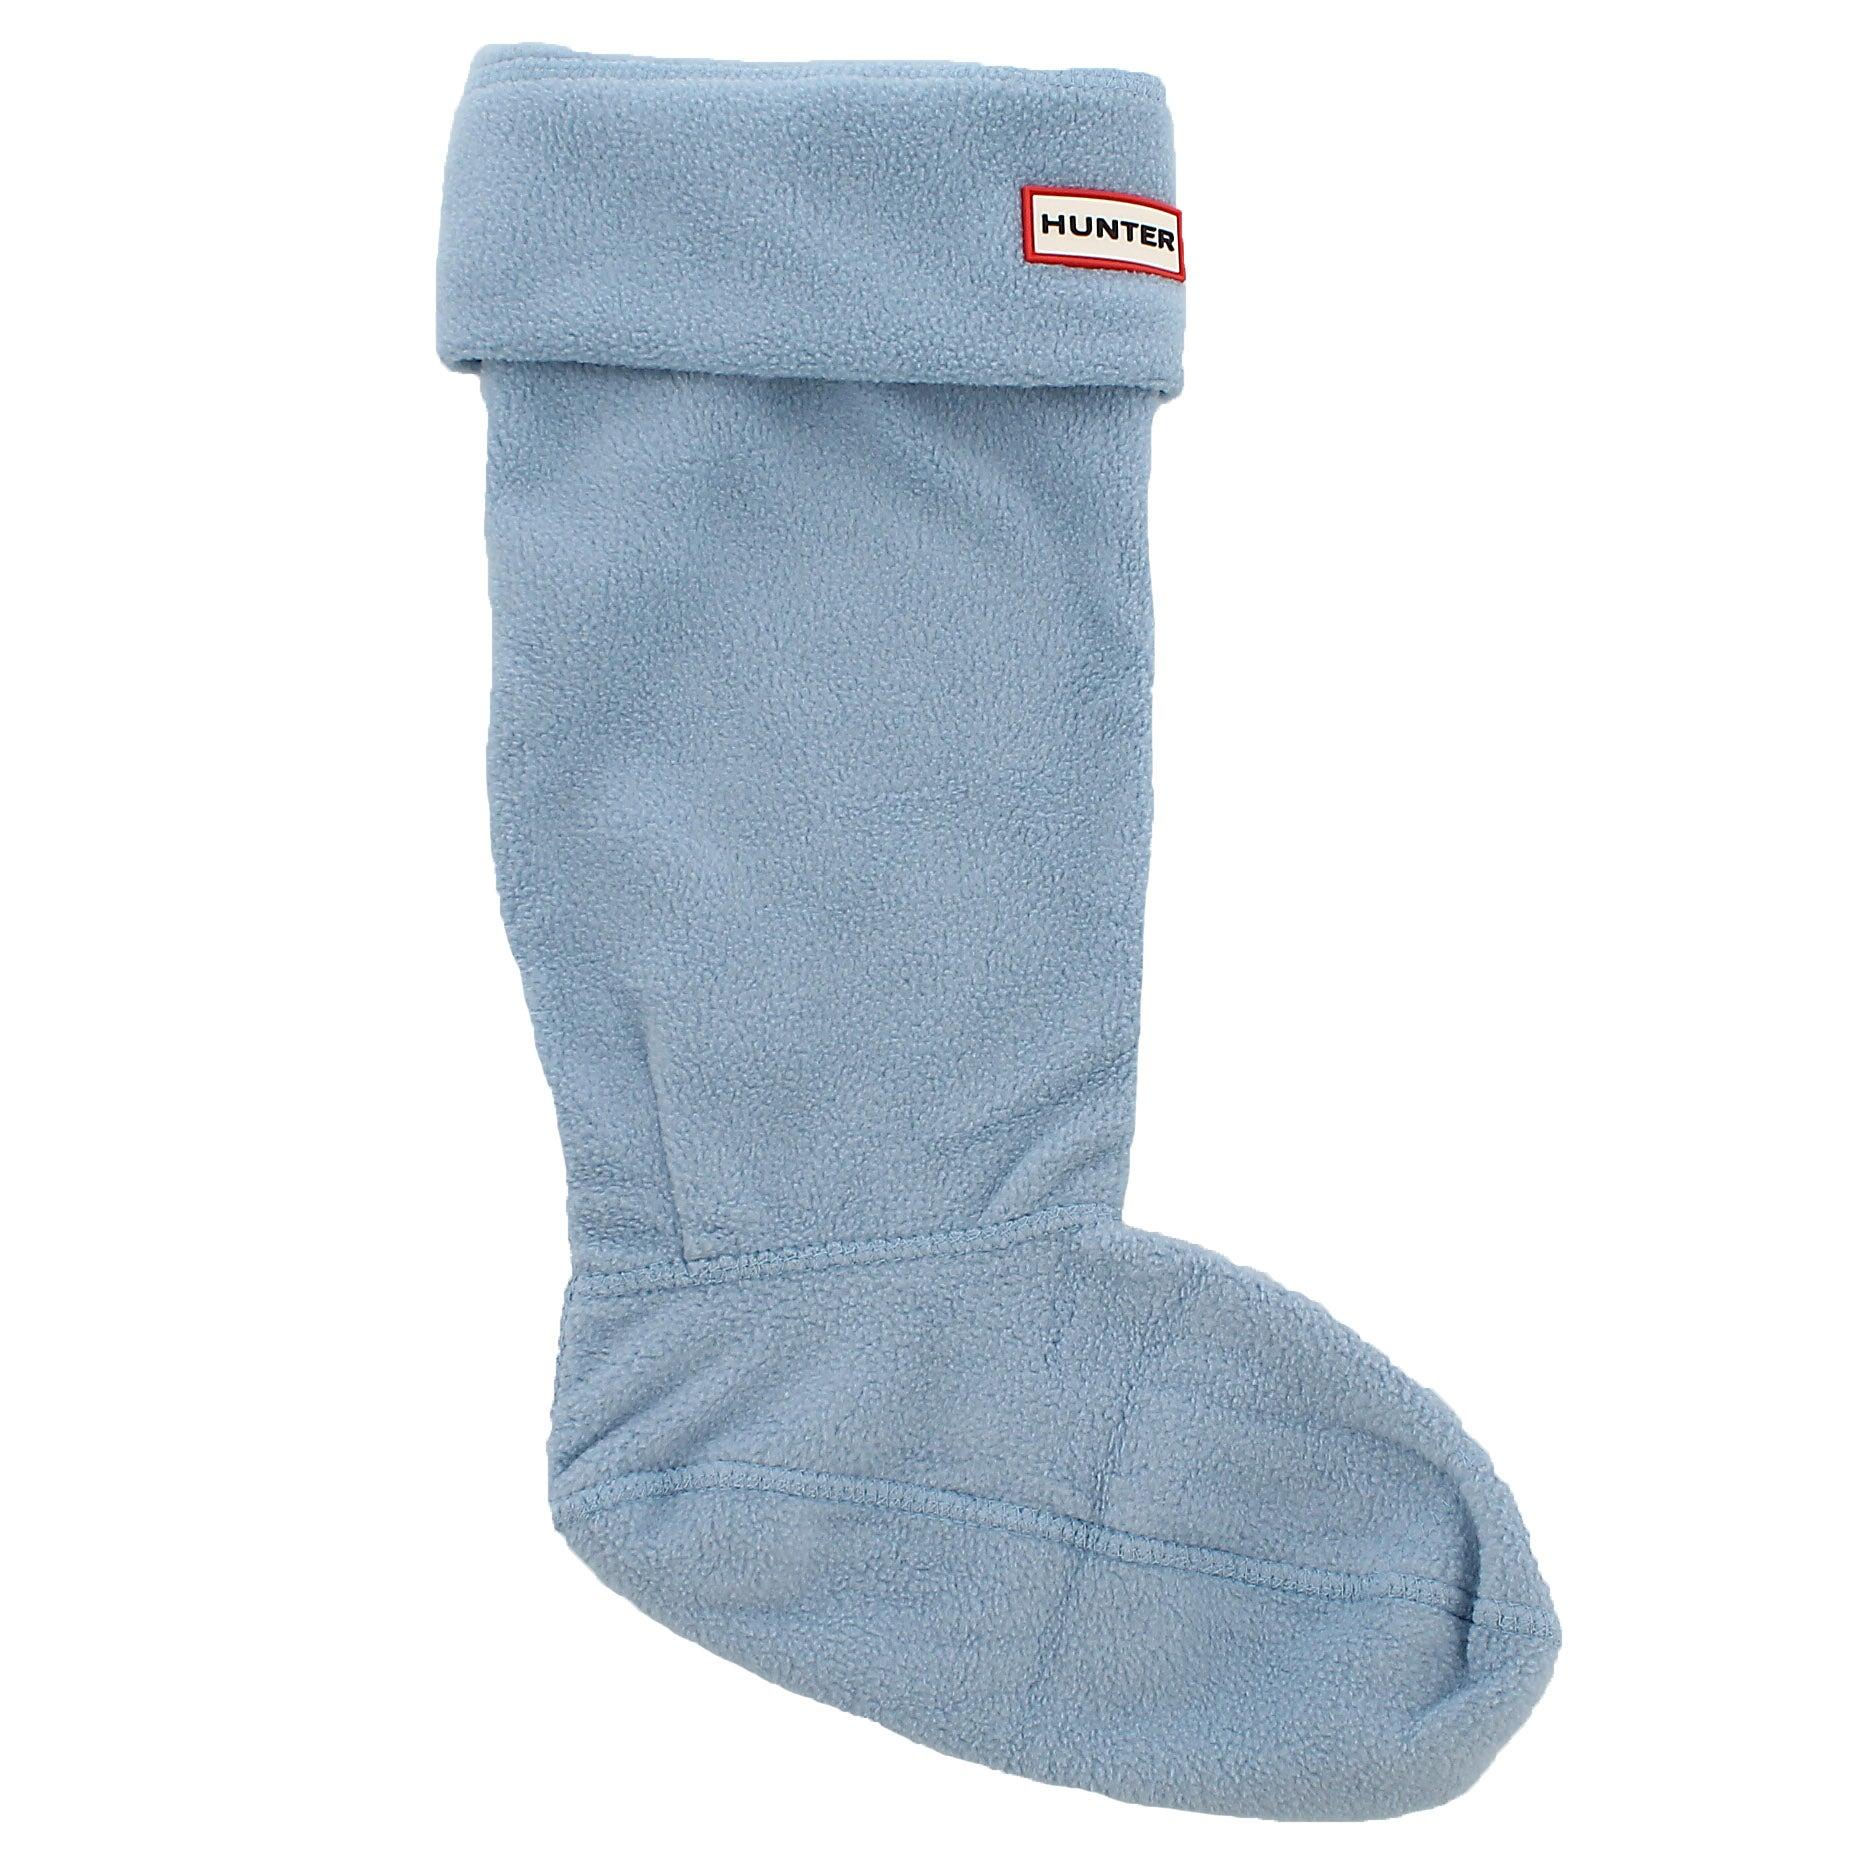 Lds Boot Sock bly sky sock